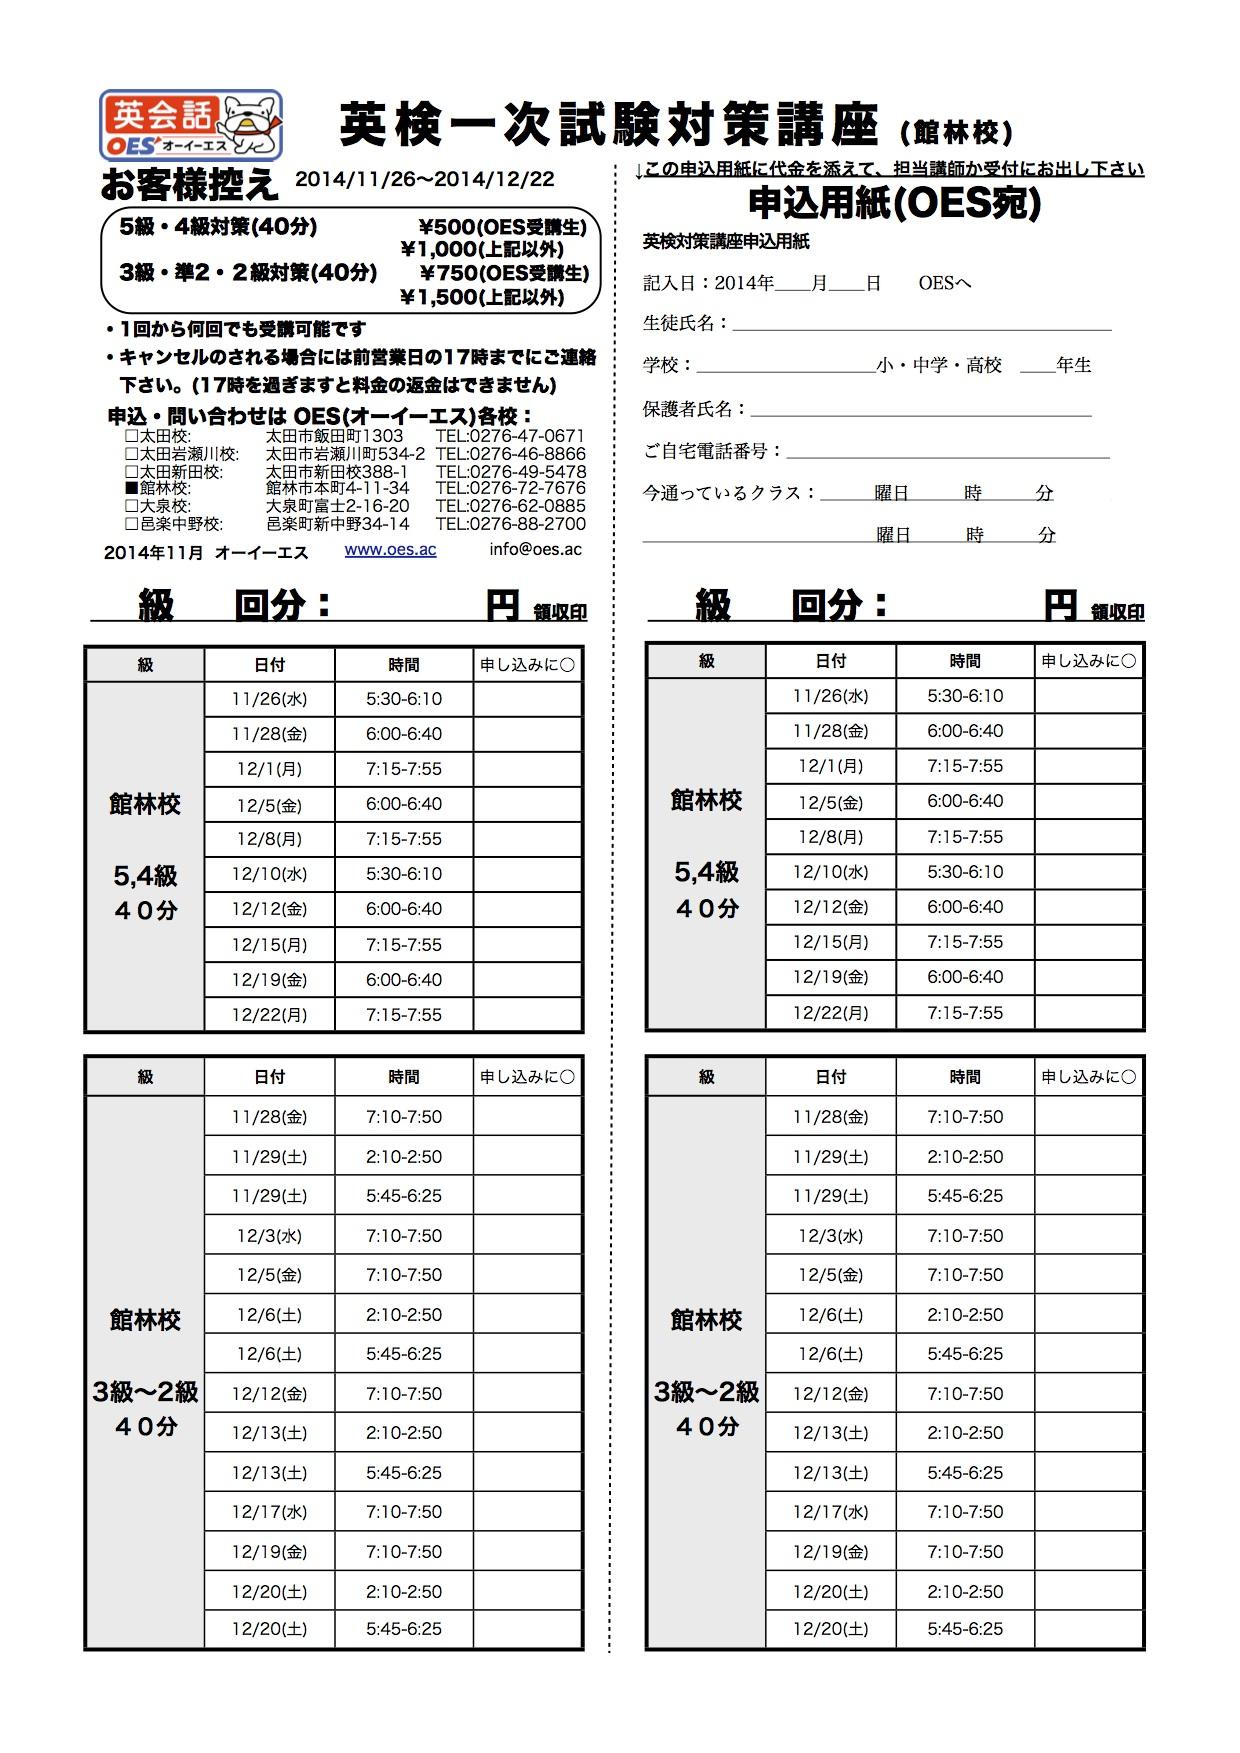 2014-3回英検一次対策講座(館林校) 12月分